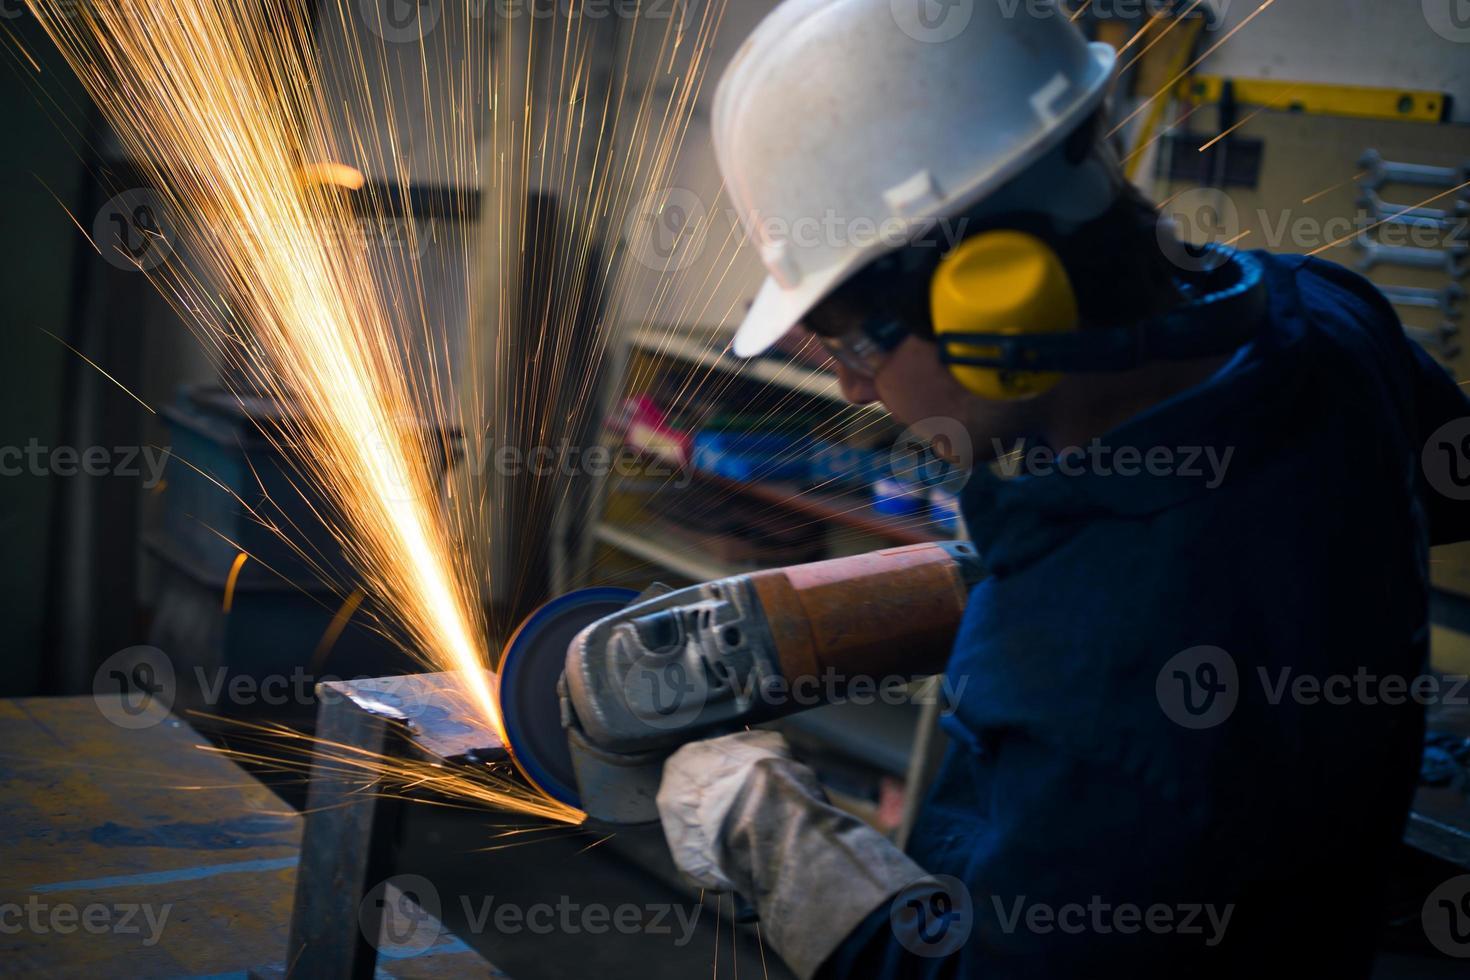 Arbeiter schleifen in der Werkstatt foto